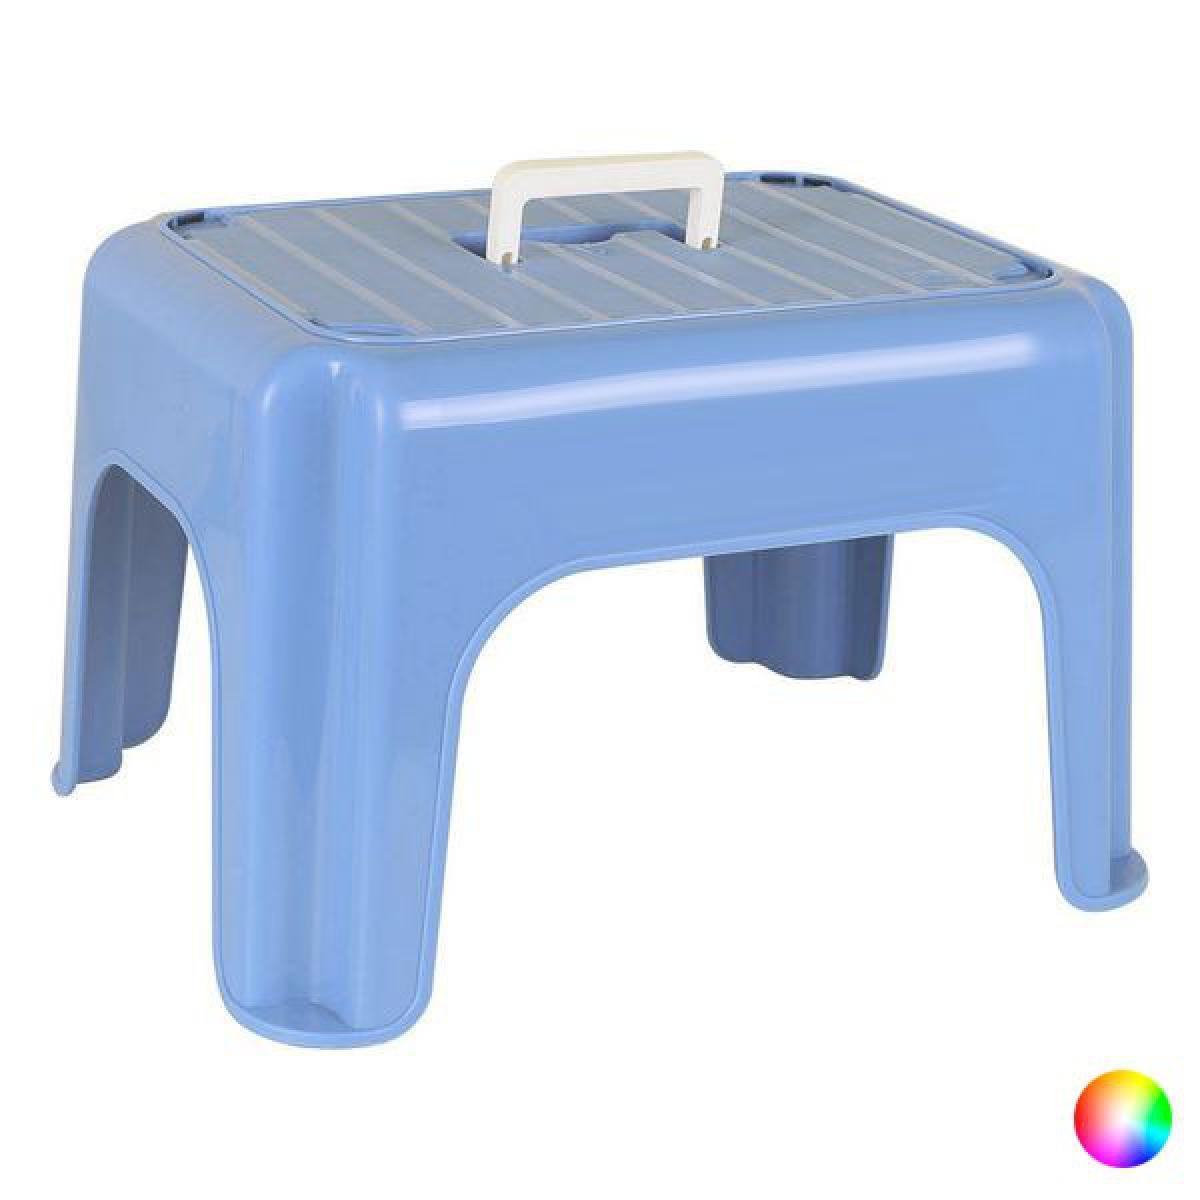 Totalcadeau Tabouret en plastique (38 x 30 x 24 cm) Couleur - Bleu